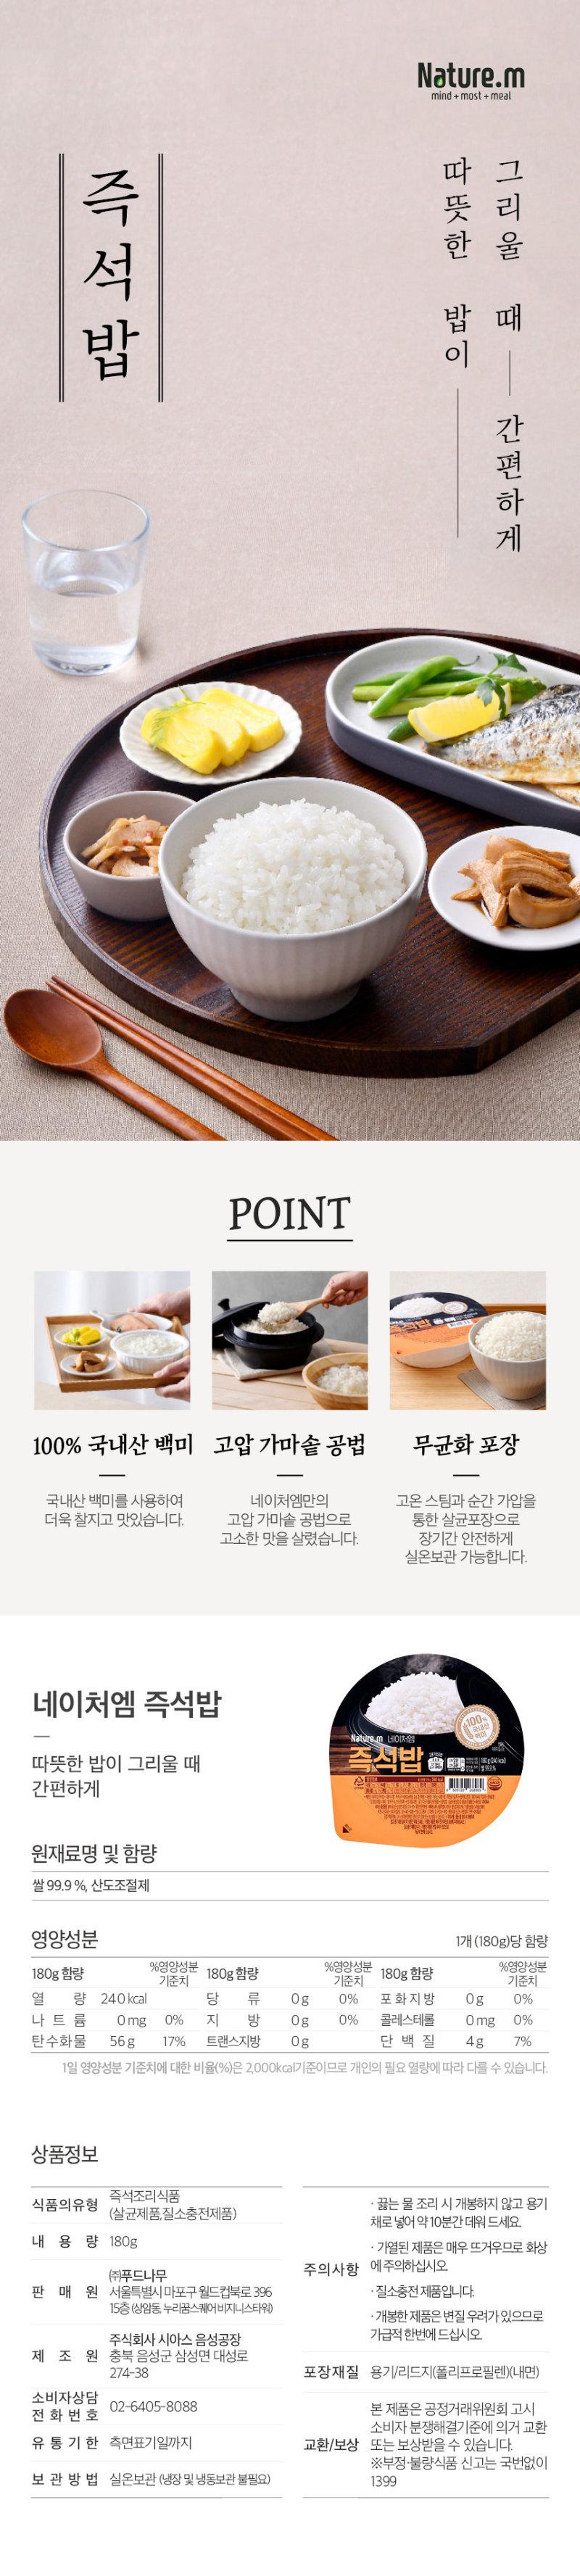 네이처엠즉석밥